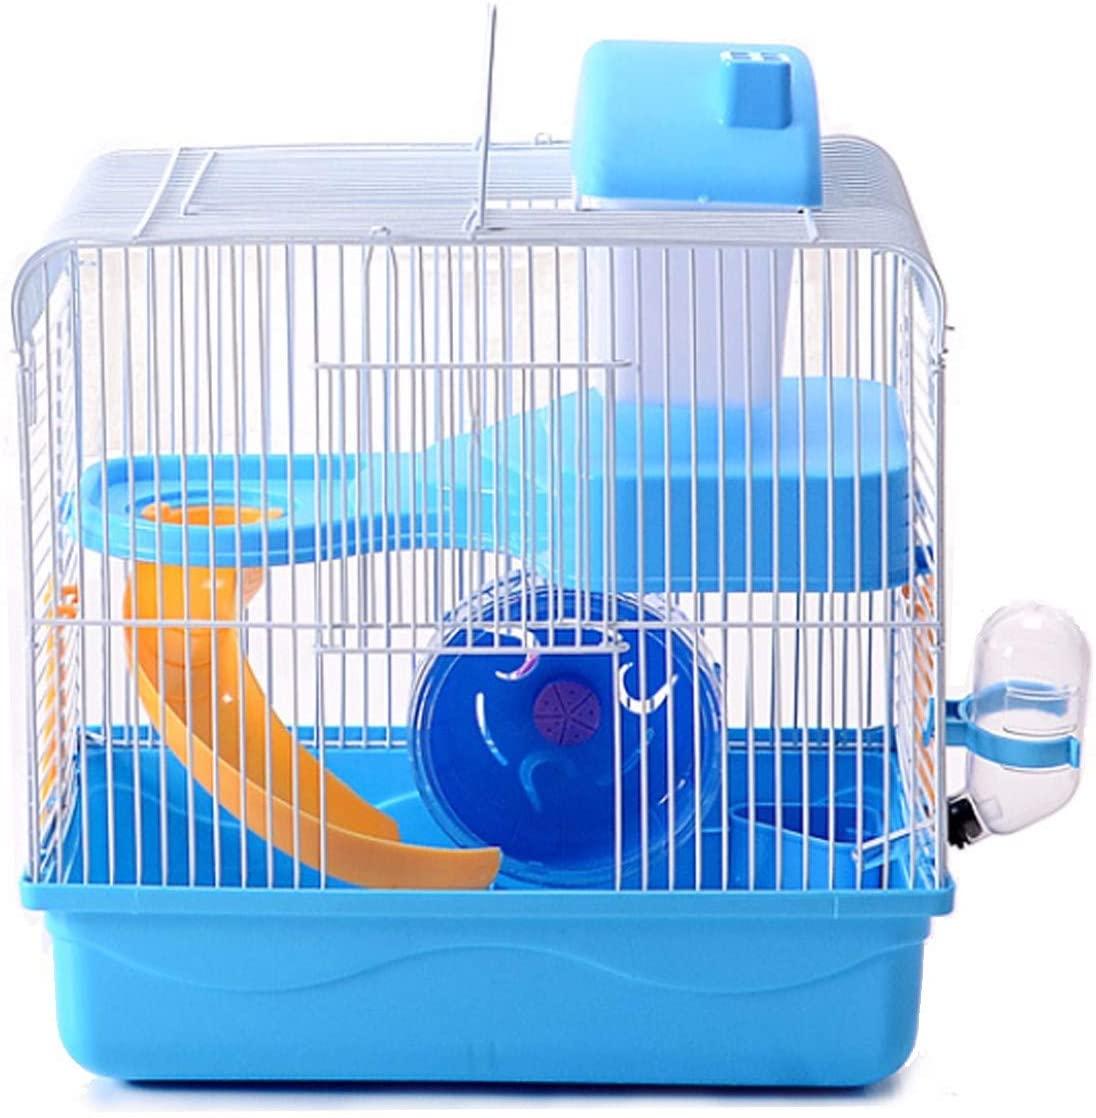 통 햄스터 네덜란드 다람쥐 케이지 햄스터 용품 일반 작은 국내 동물 집 햄스터 홈 블루